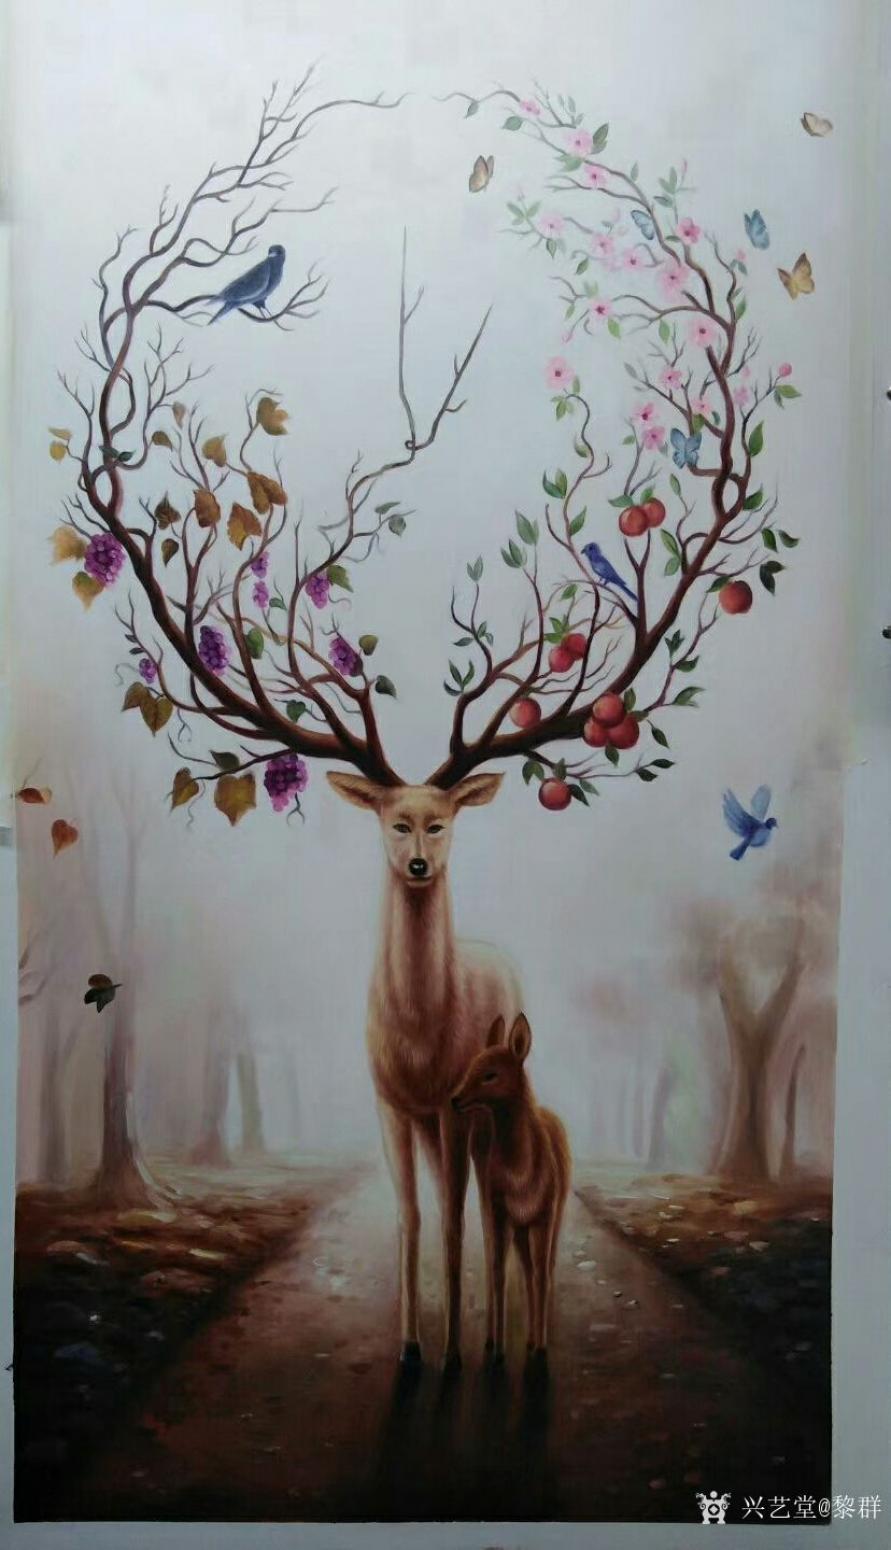 黎群油画作品《神鹿》